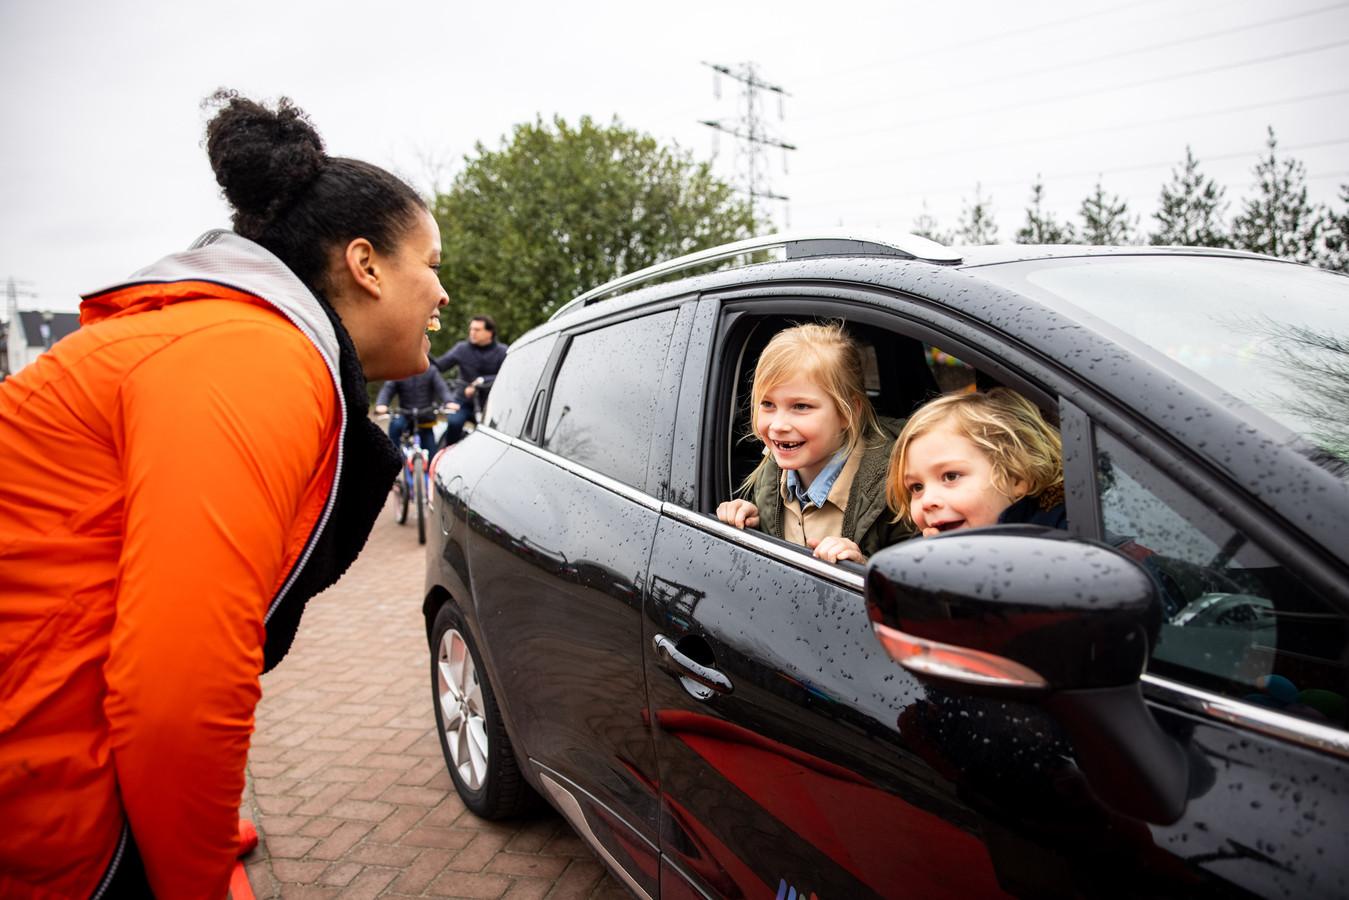 Jo-Anne kletst bij met Hidde (r) en Juliet (l) die al een tijdje niet meer naar de BSO mogen komen. De BSO is alleen open voor kinderen van ouders met urgente beroepen.